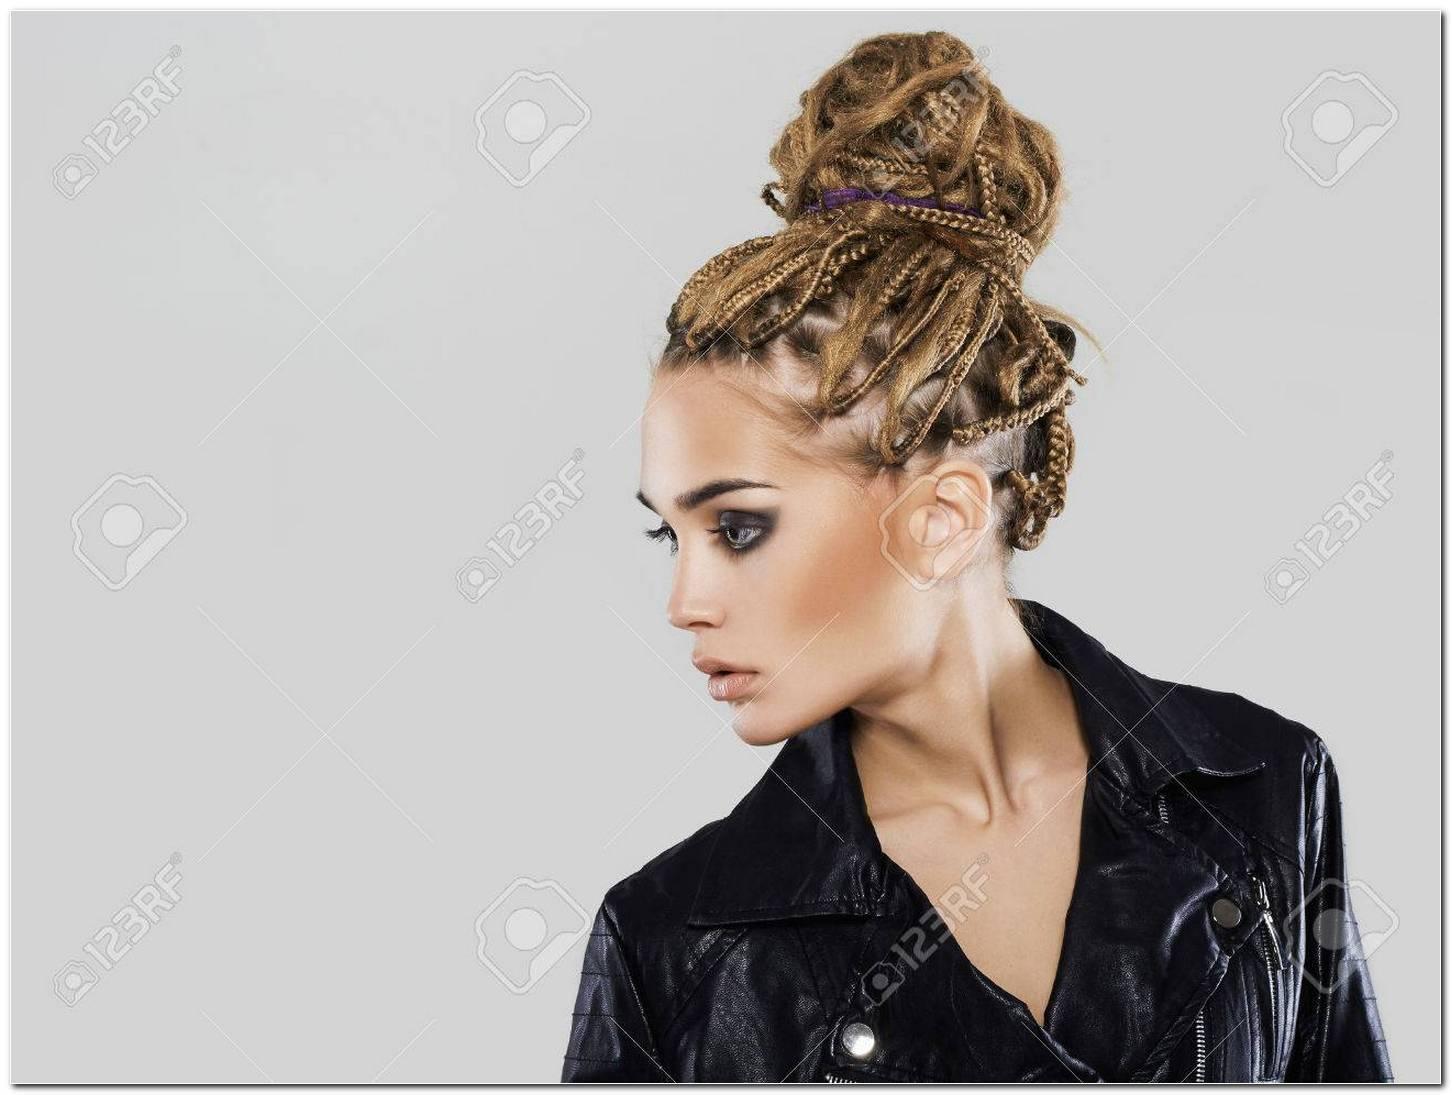 Moderne Frisuren FüR Junge Frauen